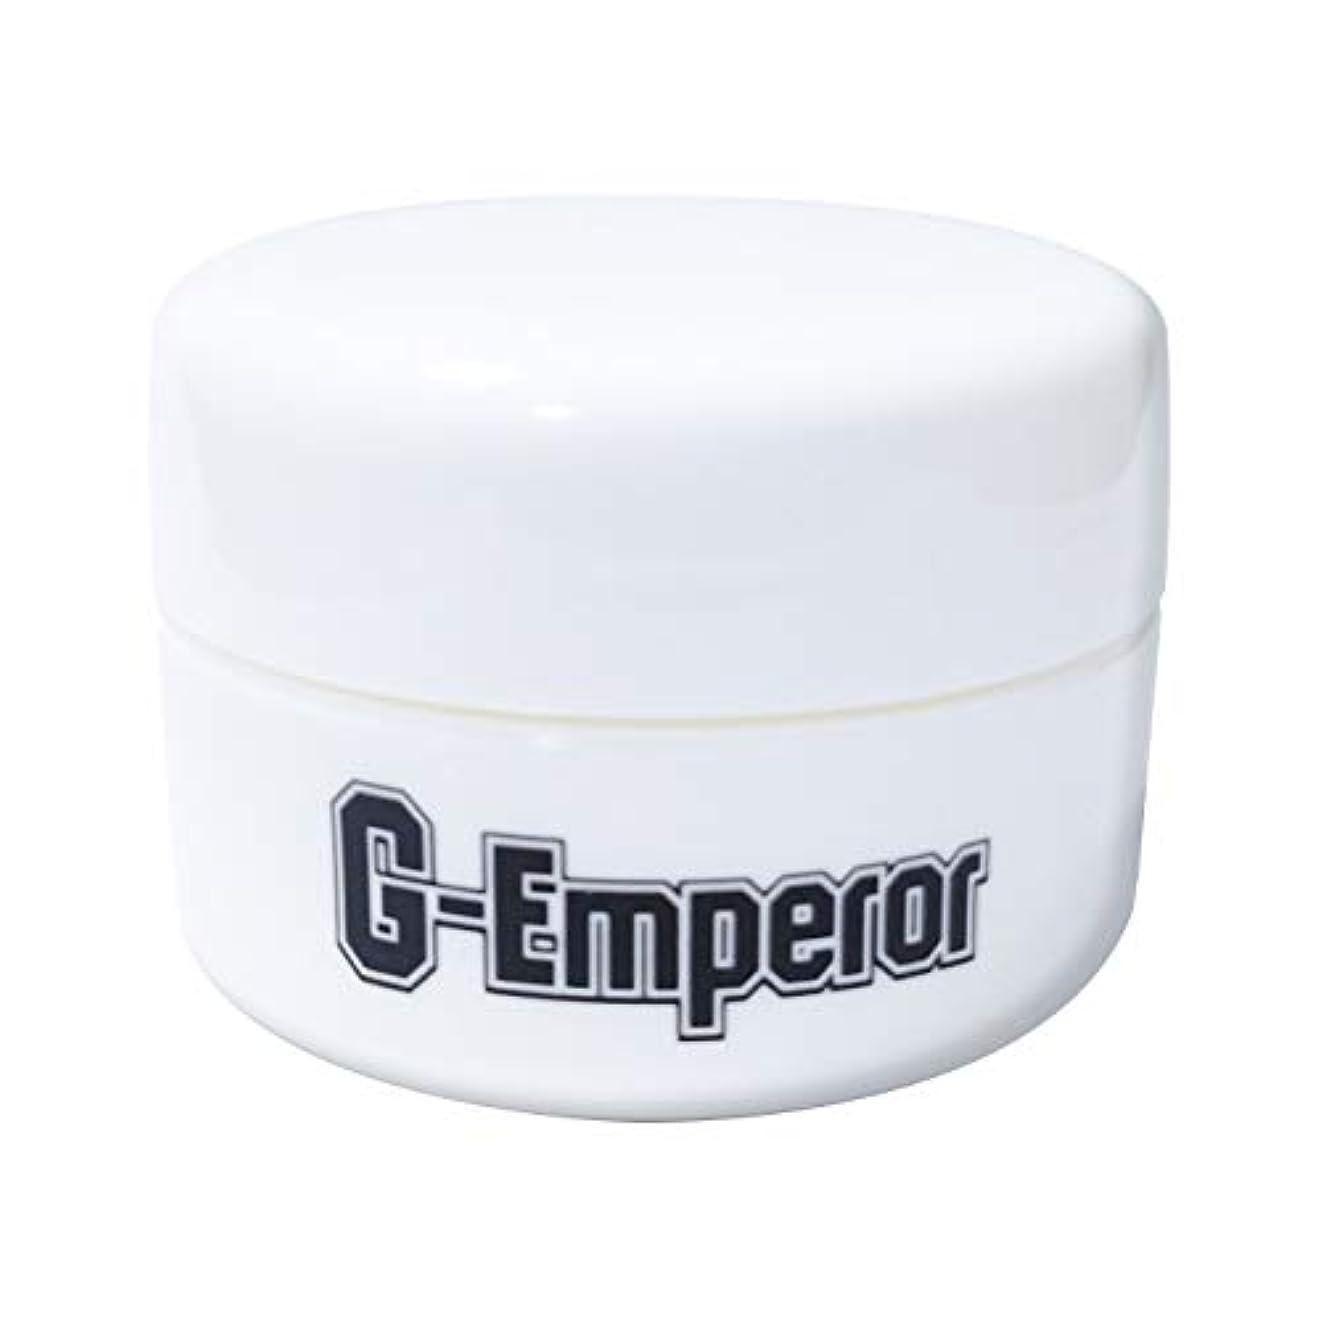 連続した焦がす強要G-Emperor ジーエンペラー ボディ用クリーム 男性用 早さ 感度 自信